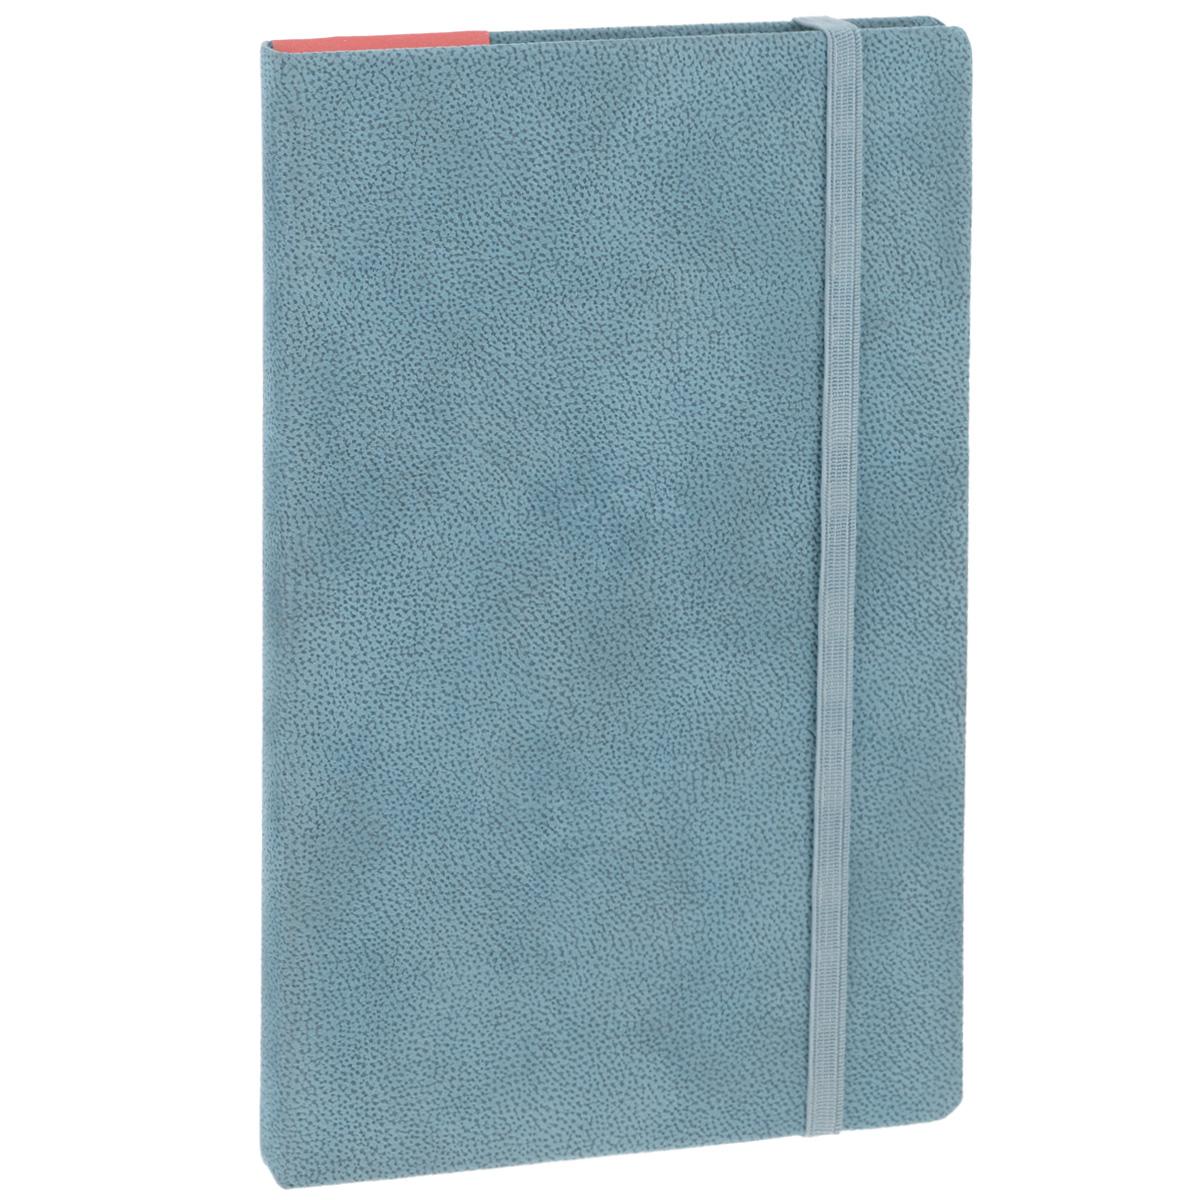 Записная книжка Erich Krause Tann, цвет: серо-голубой, 96 листов72523WDЗаписная книжка Erich Krause Tann - это дополнительный штрих к вашему имиджу. Демократичная в своем содержании, книжка может быть использована не только для личных пометок и записей, но и как недатированный ежедневник. Надежная твердая обложка из плотного картона, обтянутого приятным на ощупь текстильным материалом, сохранит ее в аккуратном состоянии на протяжении всего времени использования. Плотная в линейку бумага белого цвета, закладка-ляссе, практичные скругленные углы, эластичная петелька для ручки и внутренний бумажный карман на задней обложке - все это обеспечит вам истинное удовольствие от письма. В начале книжки имеется страничка для заполнения личных данных владельца, четыре страницы для заполнения адресов, телефонов и интернет-почты и четыре страницы для заполнения сайтов и ссылок. Благодаря небольшому формату книжку легко взять с собой. Записная книжка плотно закрывается при помощи фиксирующей резинки.